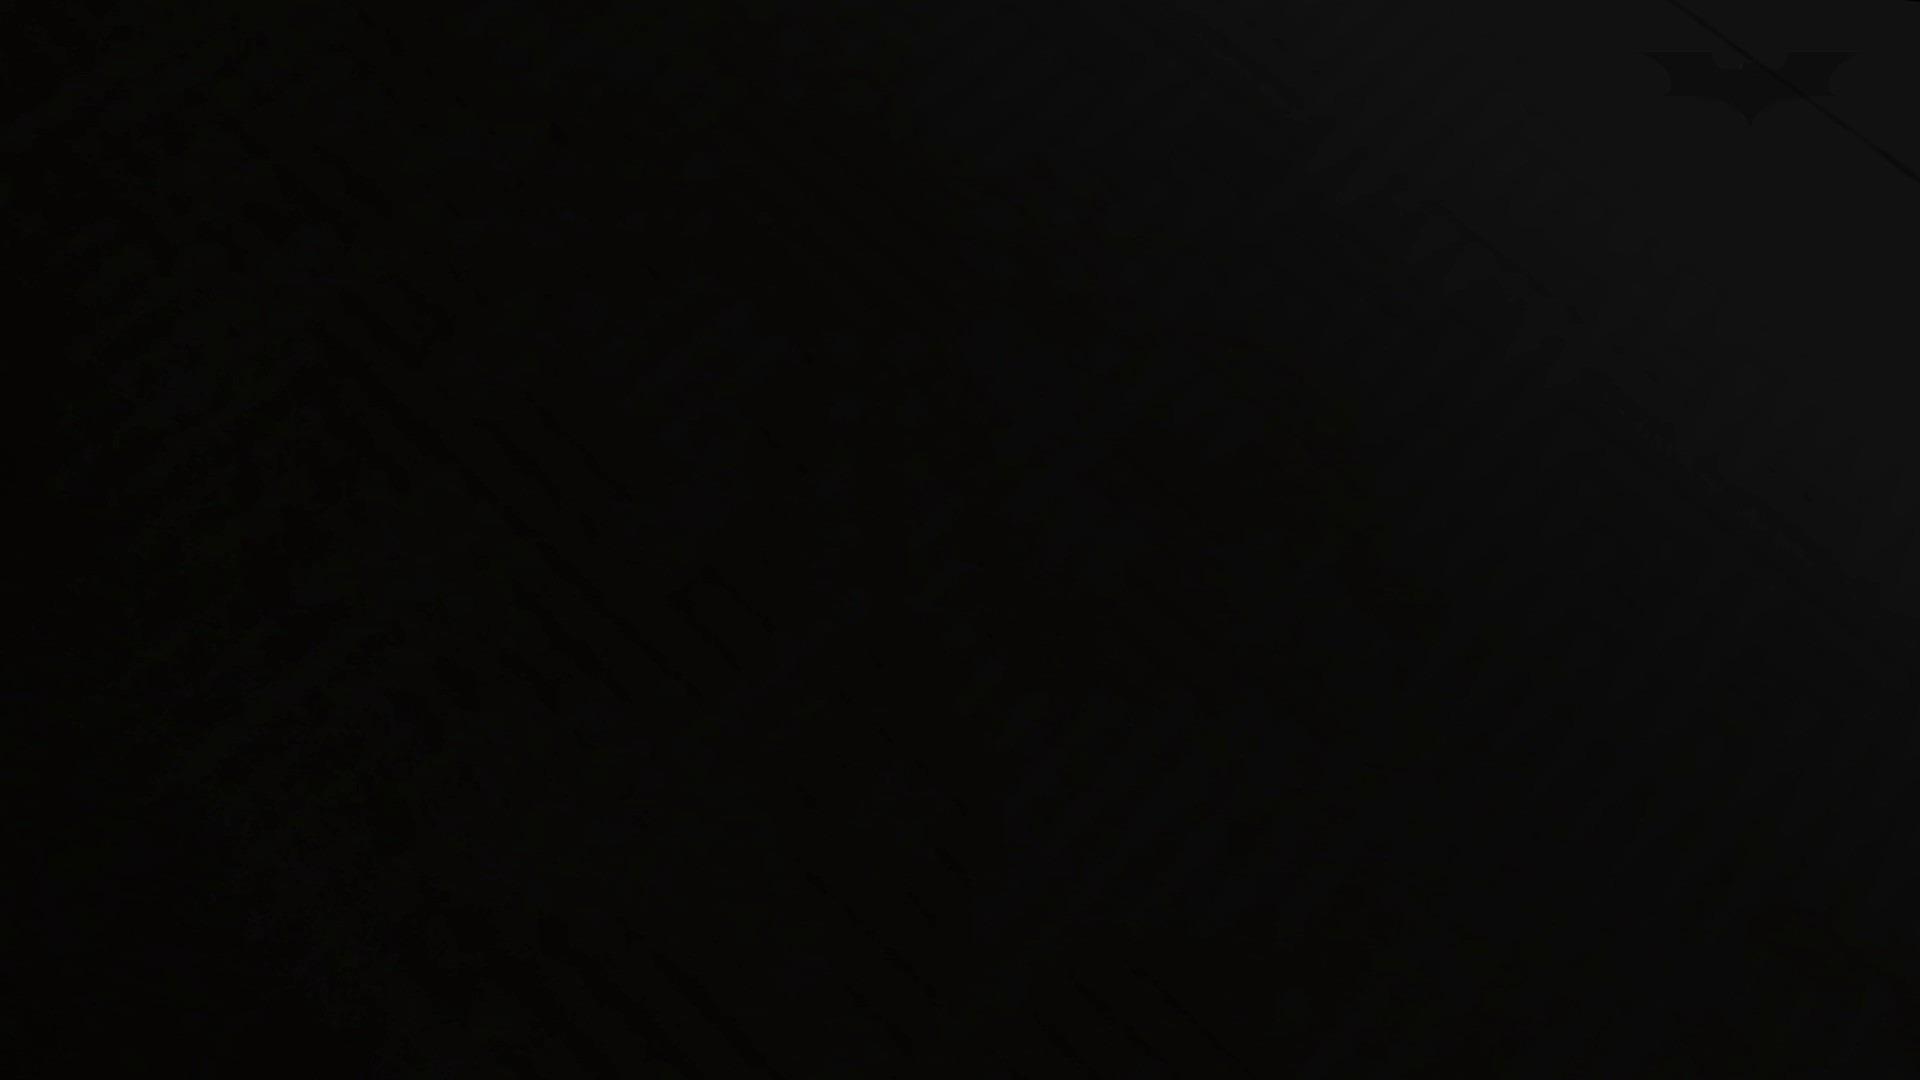 ハメ撮り 芸術大学ガチ潜入盗撮 JD盗撮 美女の洗面所の秘密 Vol.108 怪盗ジョーカー